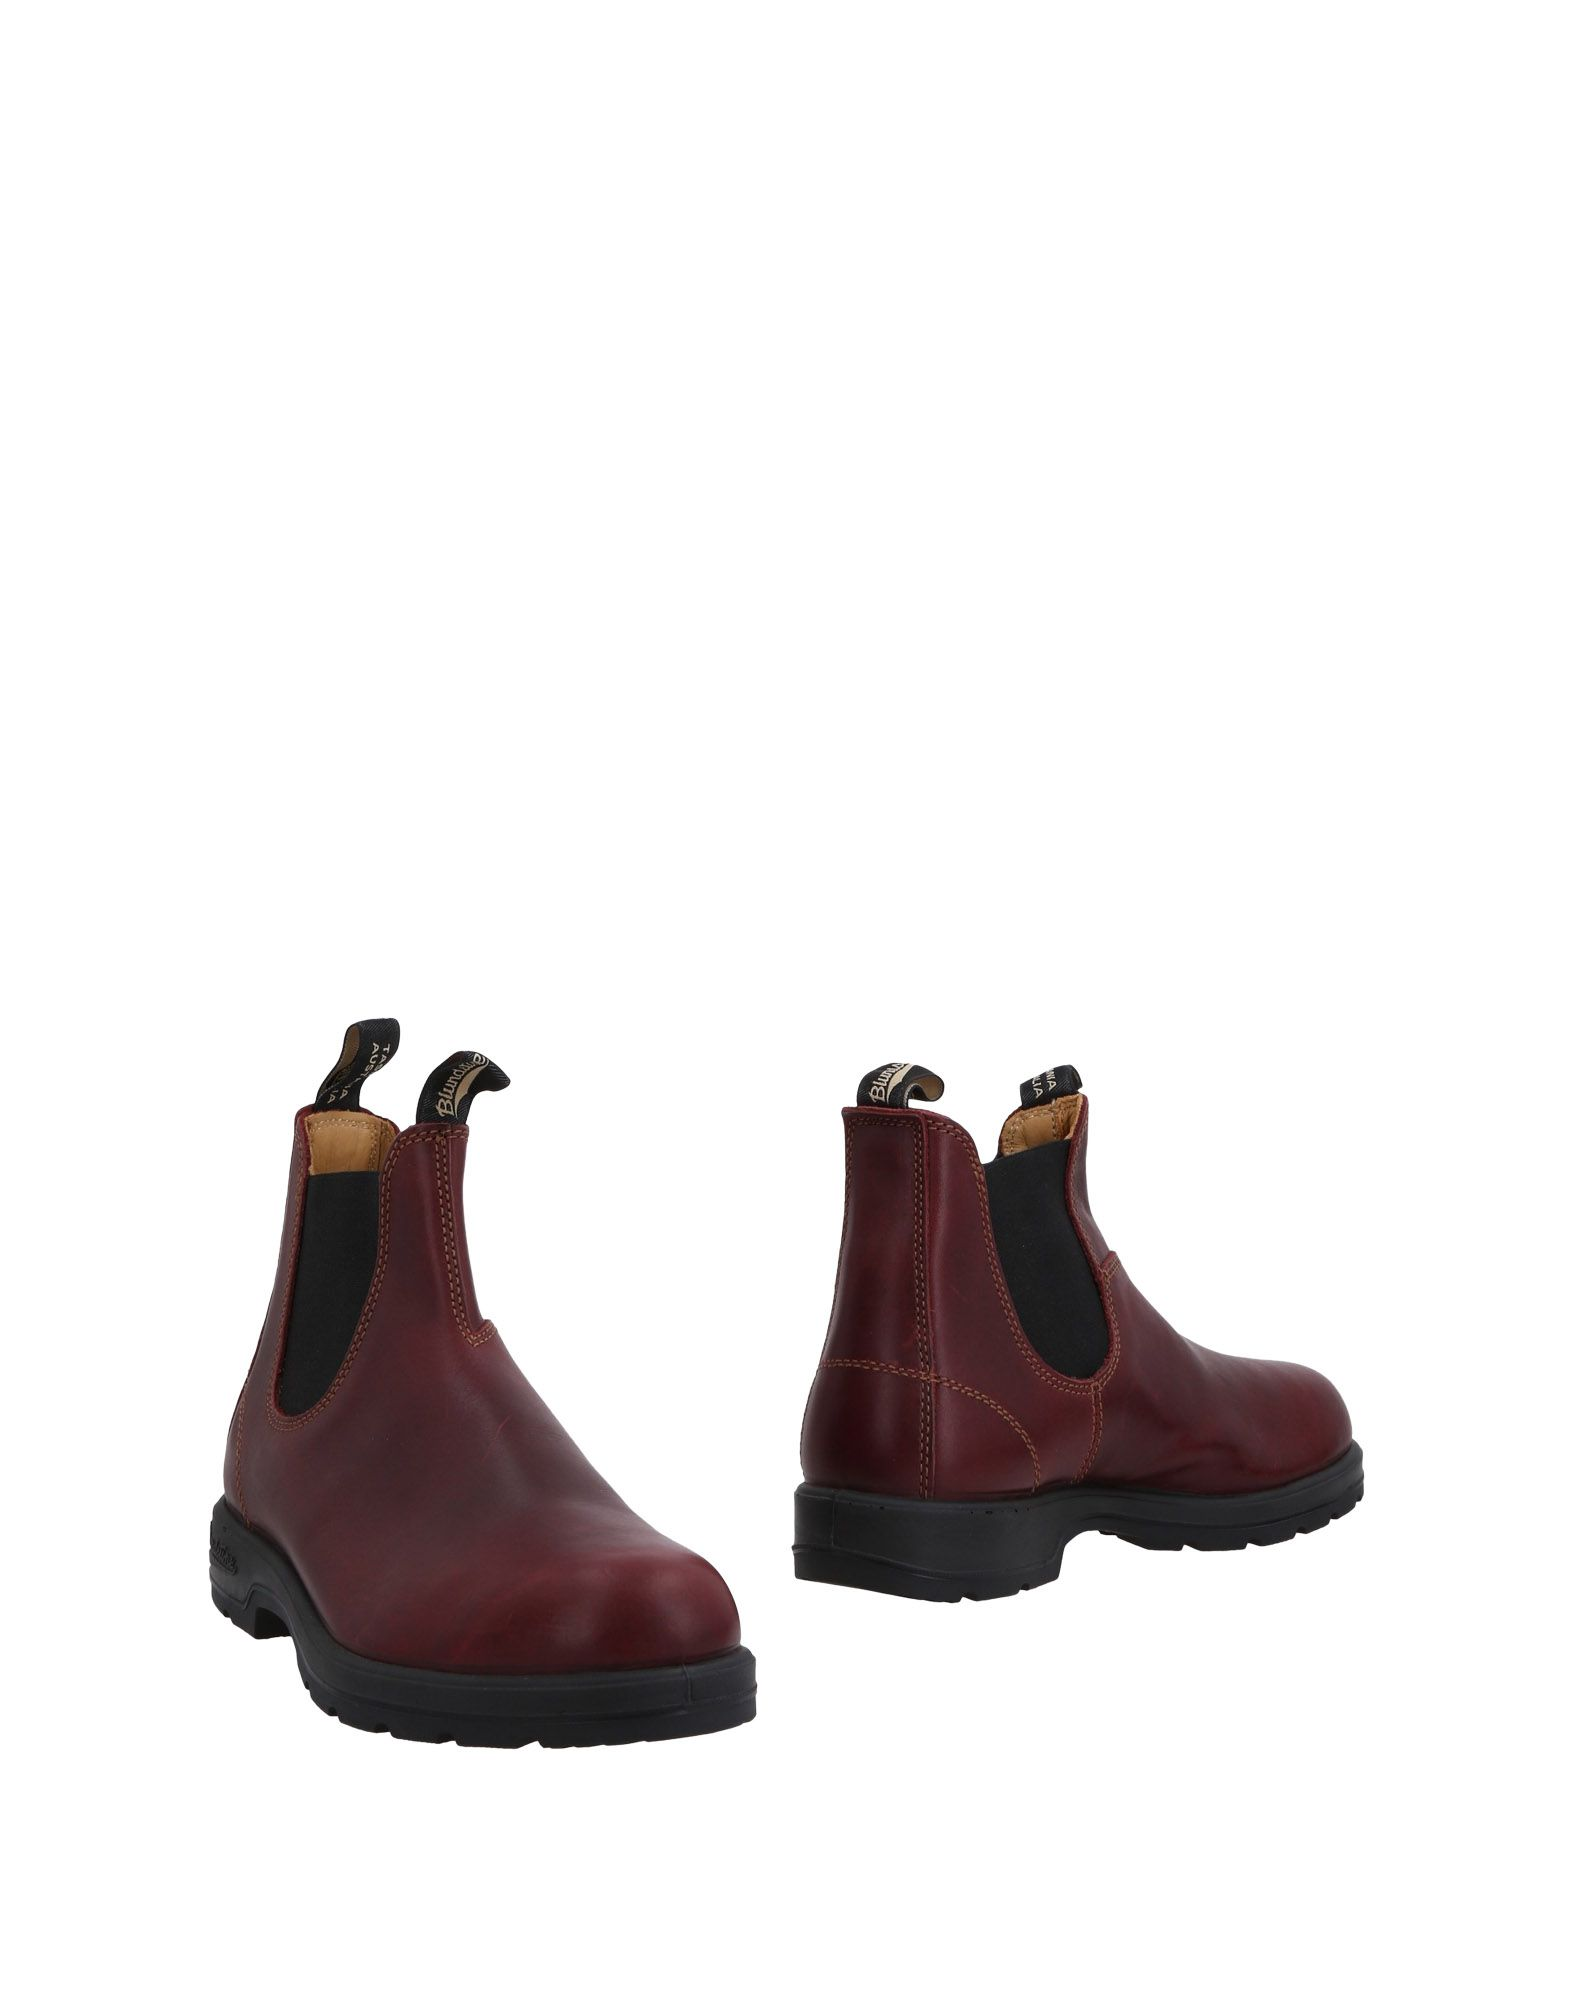 Rabatt Schuhe echte Schuhe Rabatt Blundstone Stiefelette Herren  11479755IN 308577